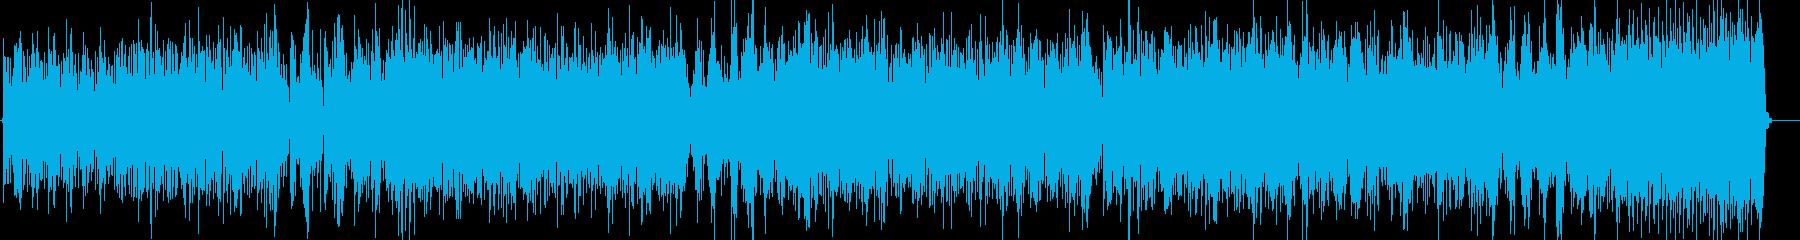 電化マイルスオンザコーナーっぽいファンクの再生済みの波形